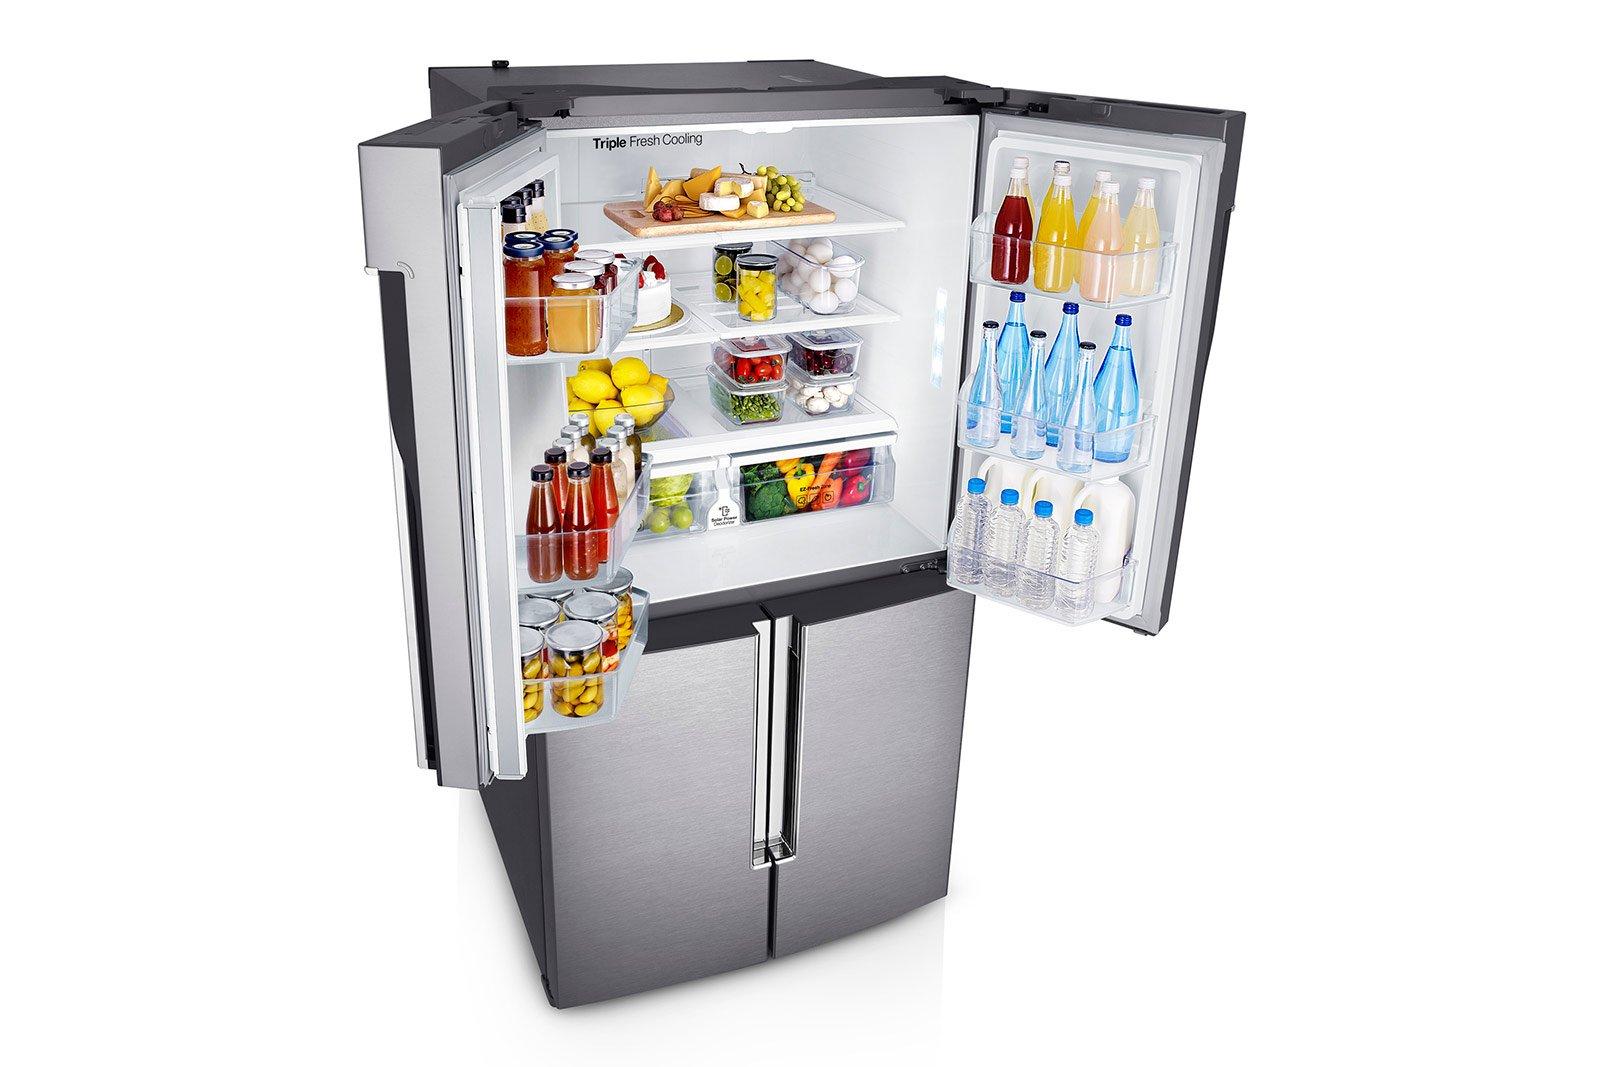 Samsung t9000 rf905vclasl frigorifero 4 porte cose di casa for Frigorifero samsung con schermo